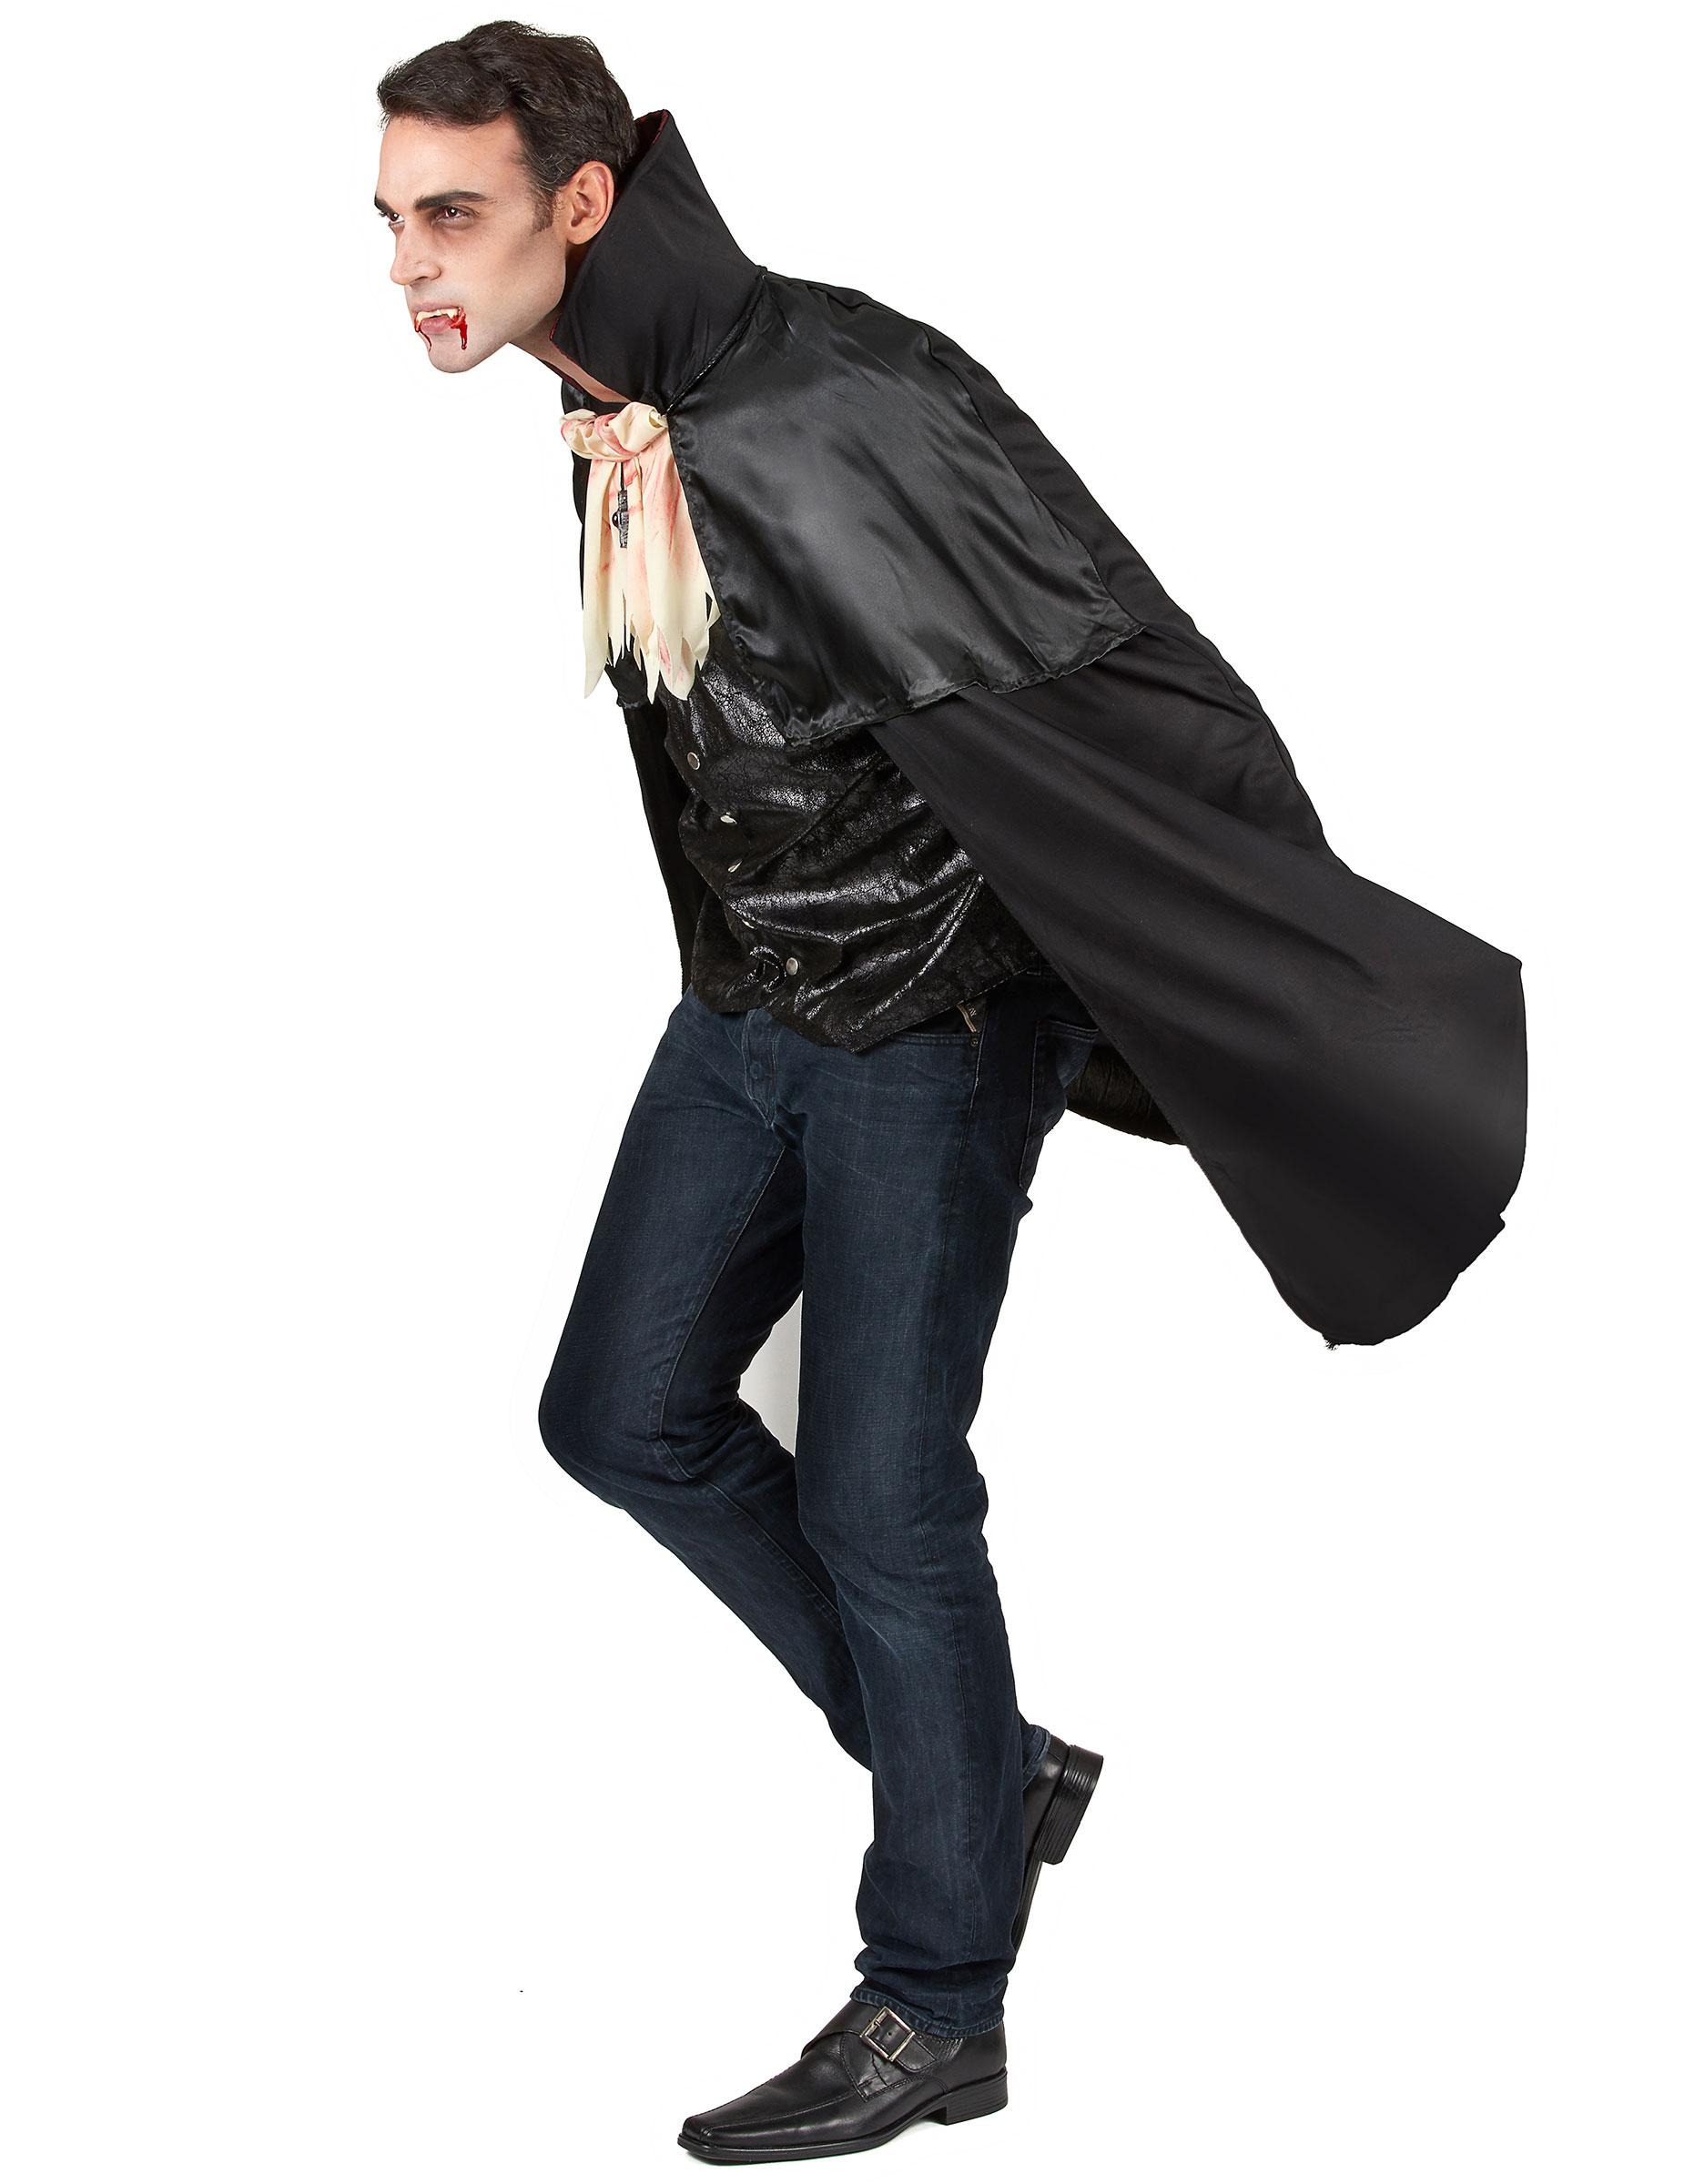 Disfraz de jefe de vampiros hombre Disfraces adultosy disfraces